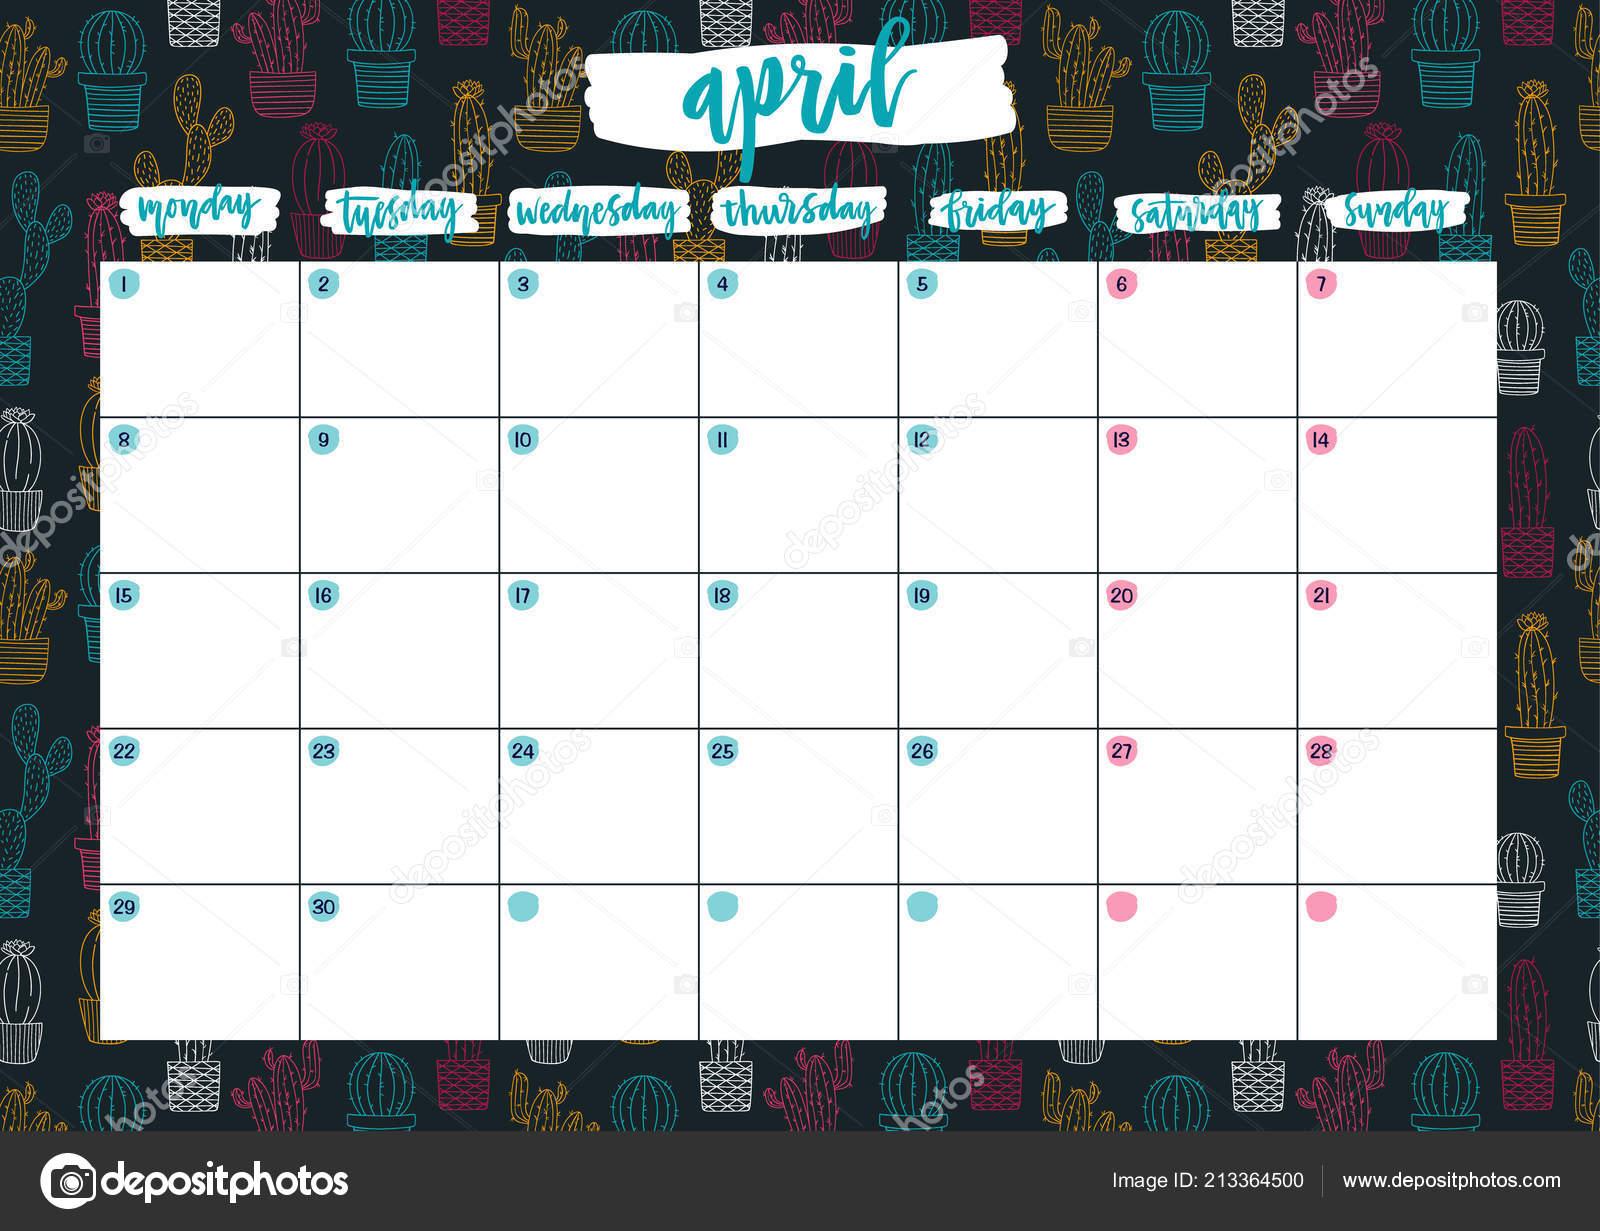 Calendario Dezembro 2019 Bonito.Calendario Mensal A4